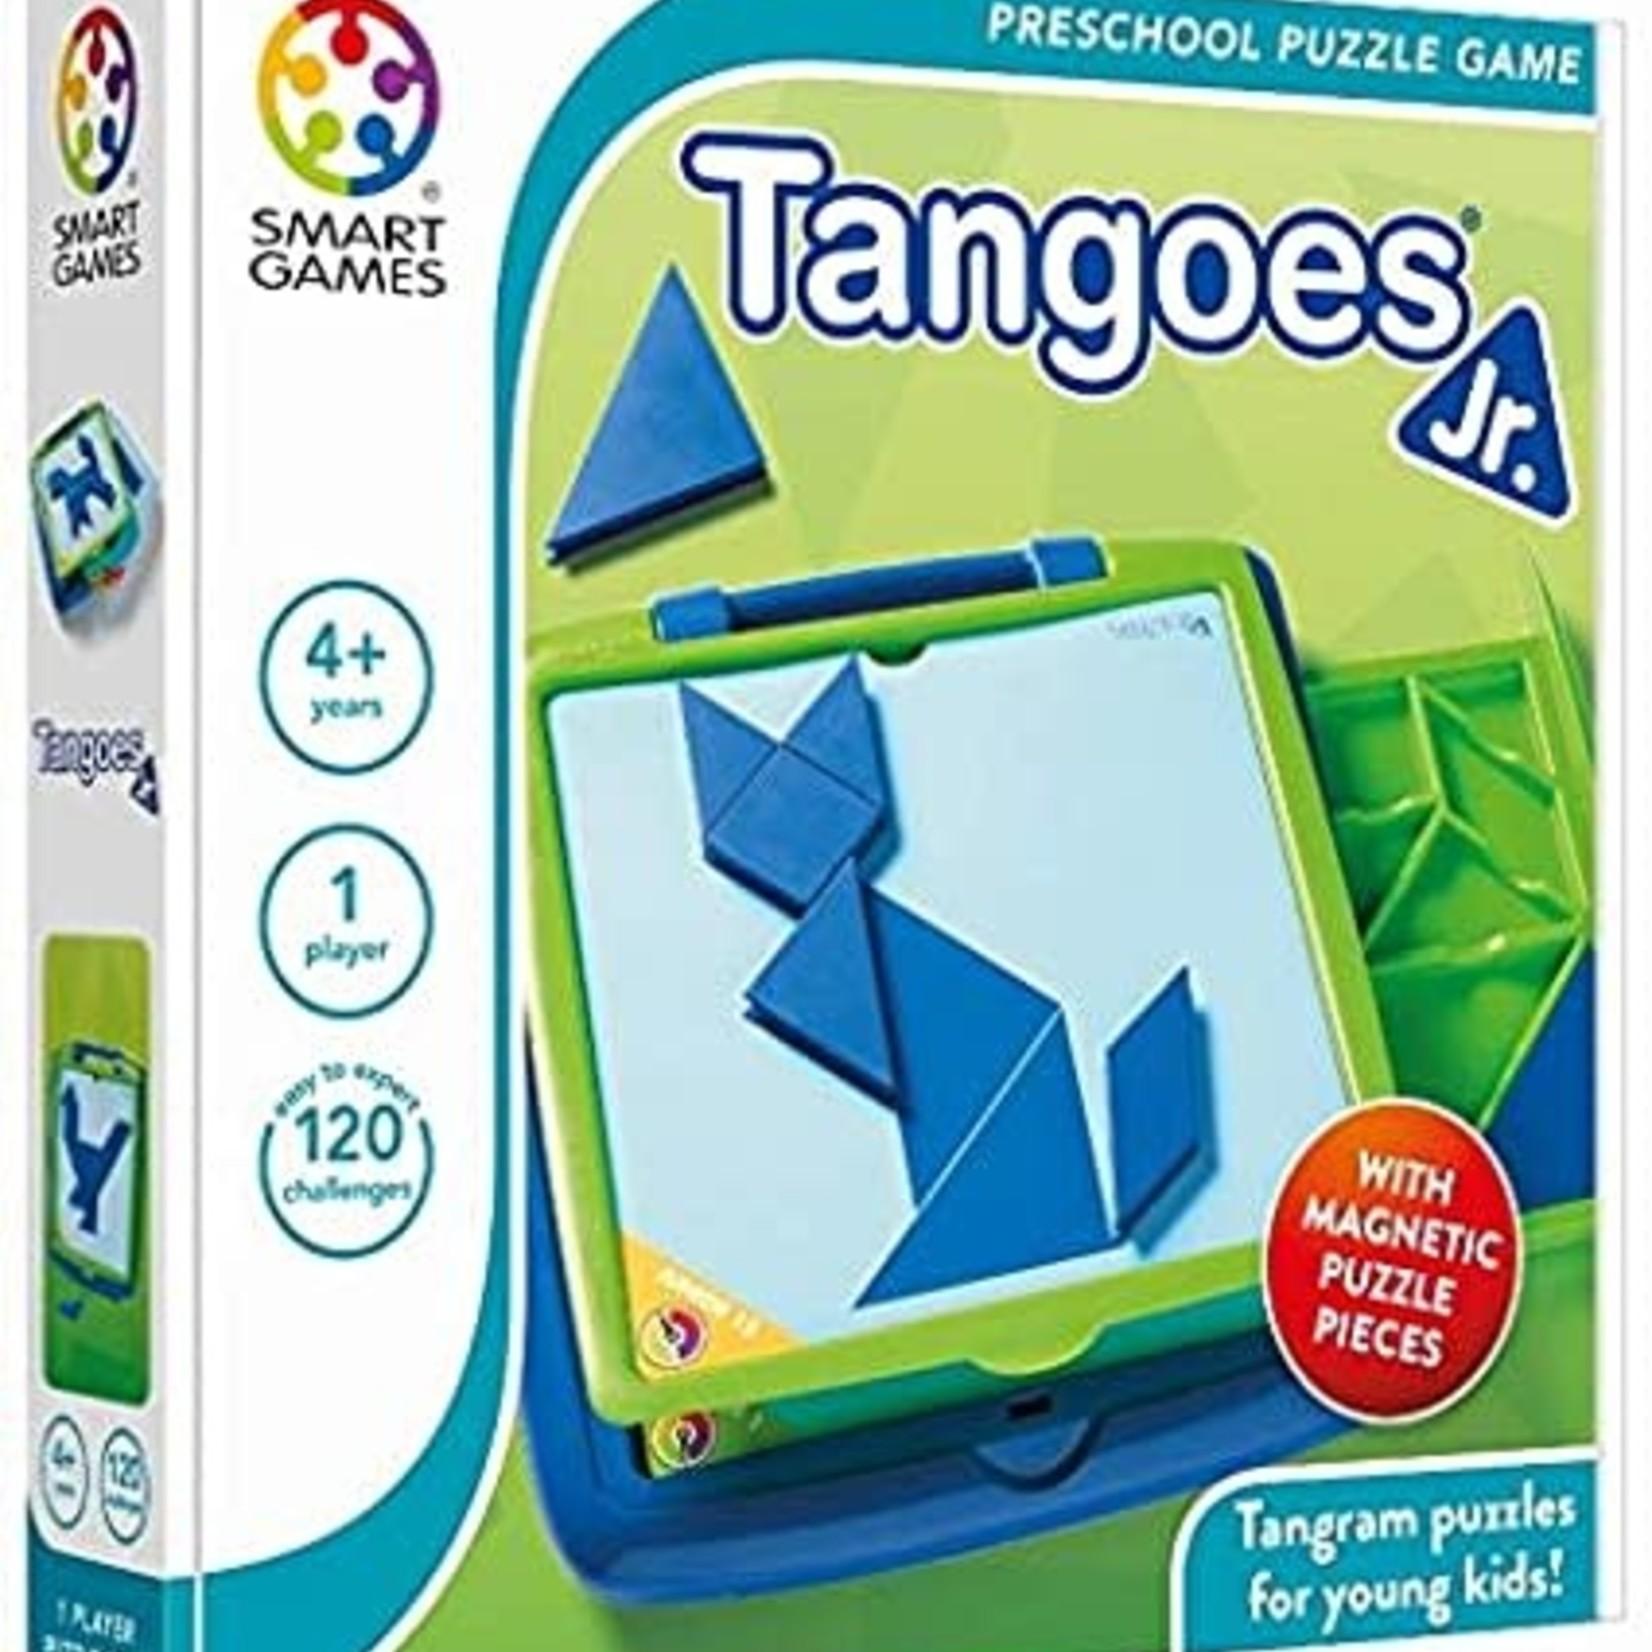 Smart Toys Tangoes Jr.